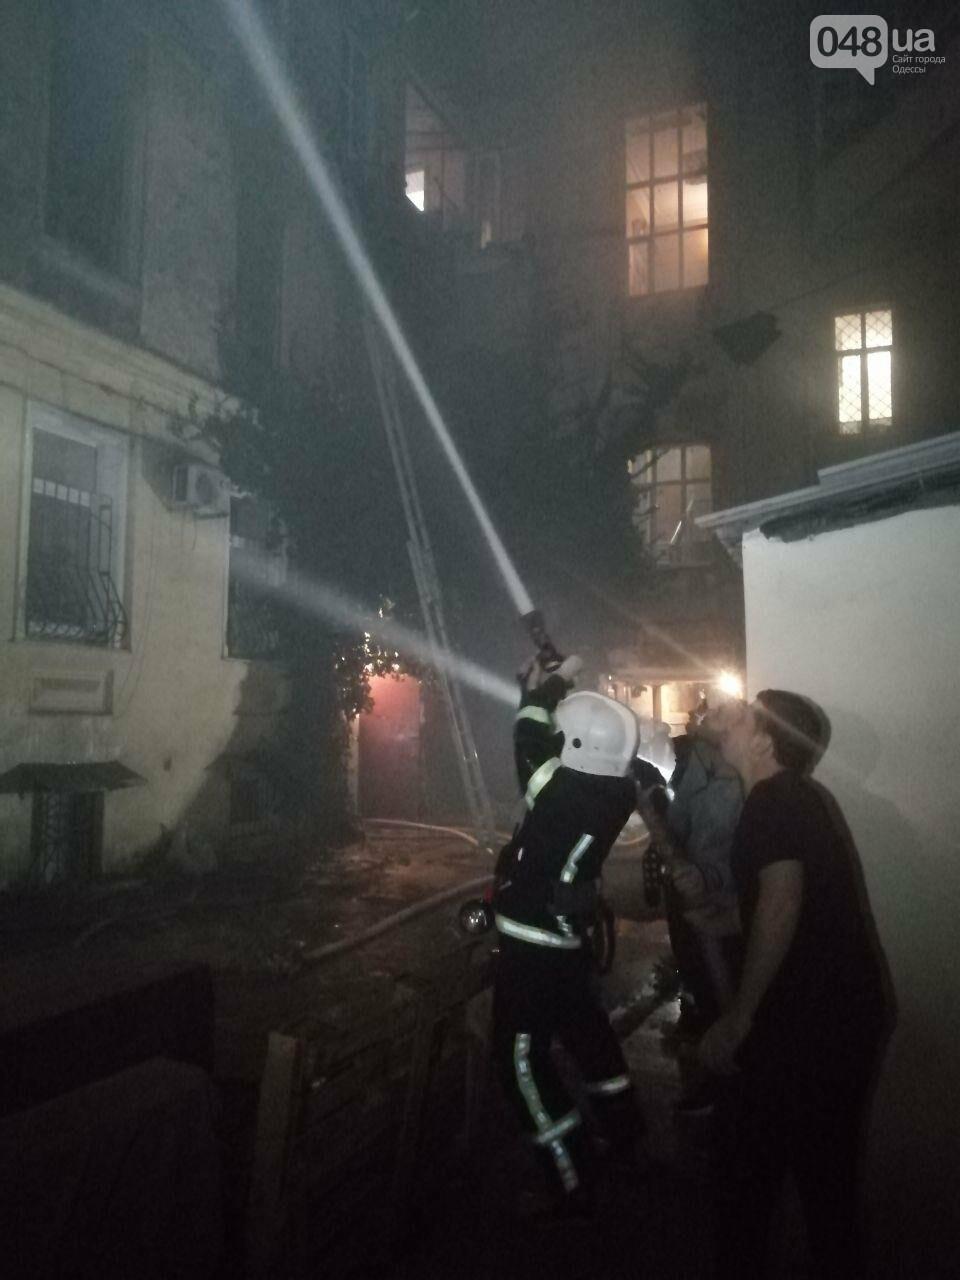 В Одессе горела квартира, 21-летняя девушка в тяжелом состоянии, - ФОТО3